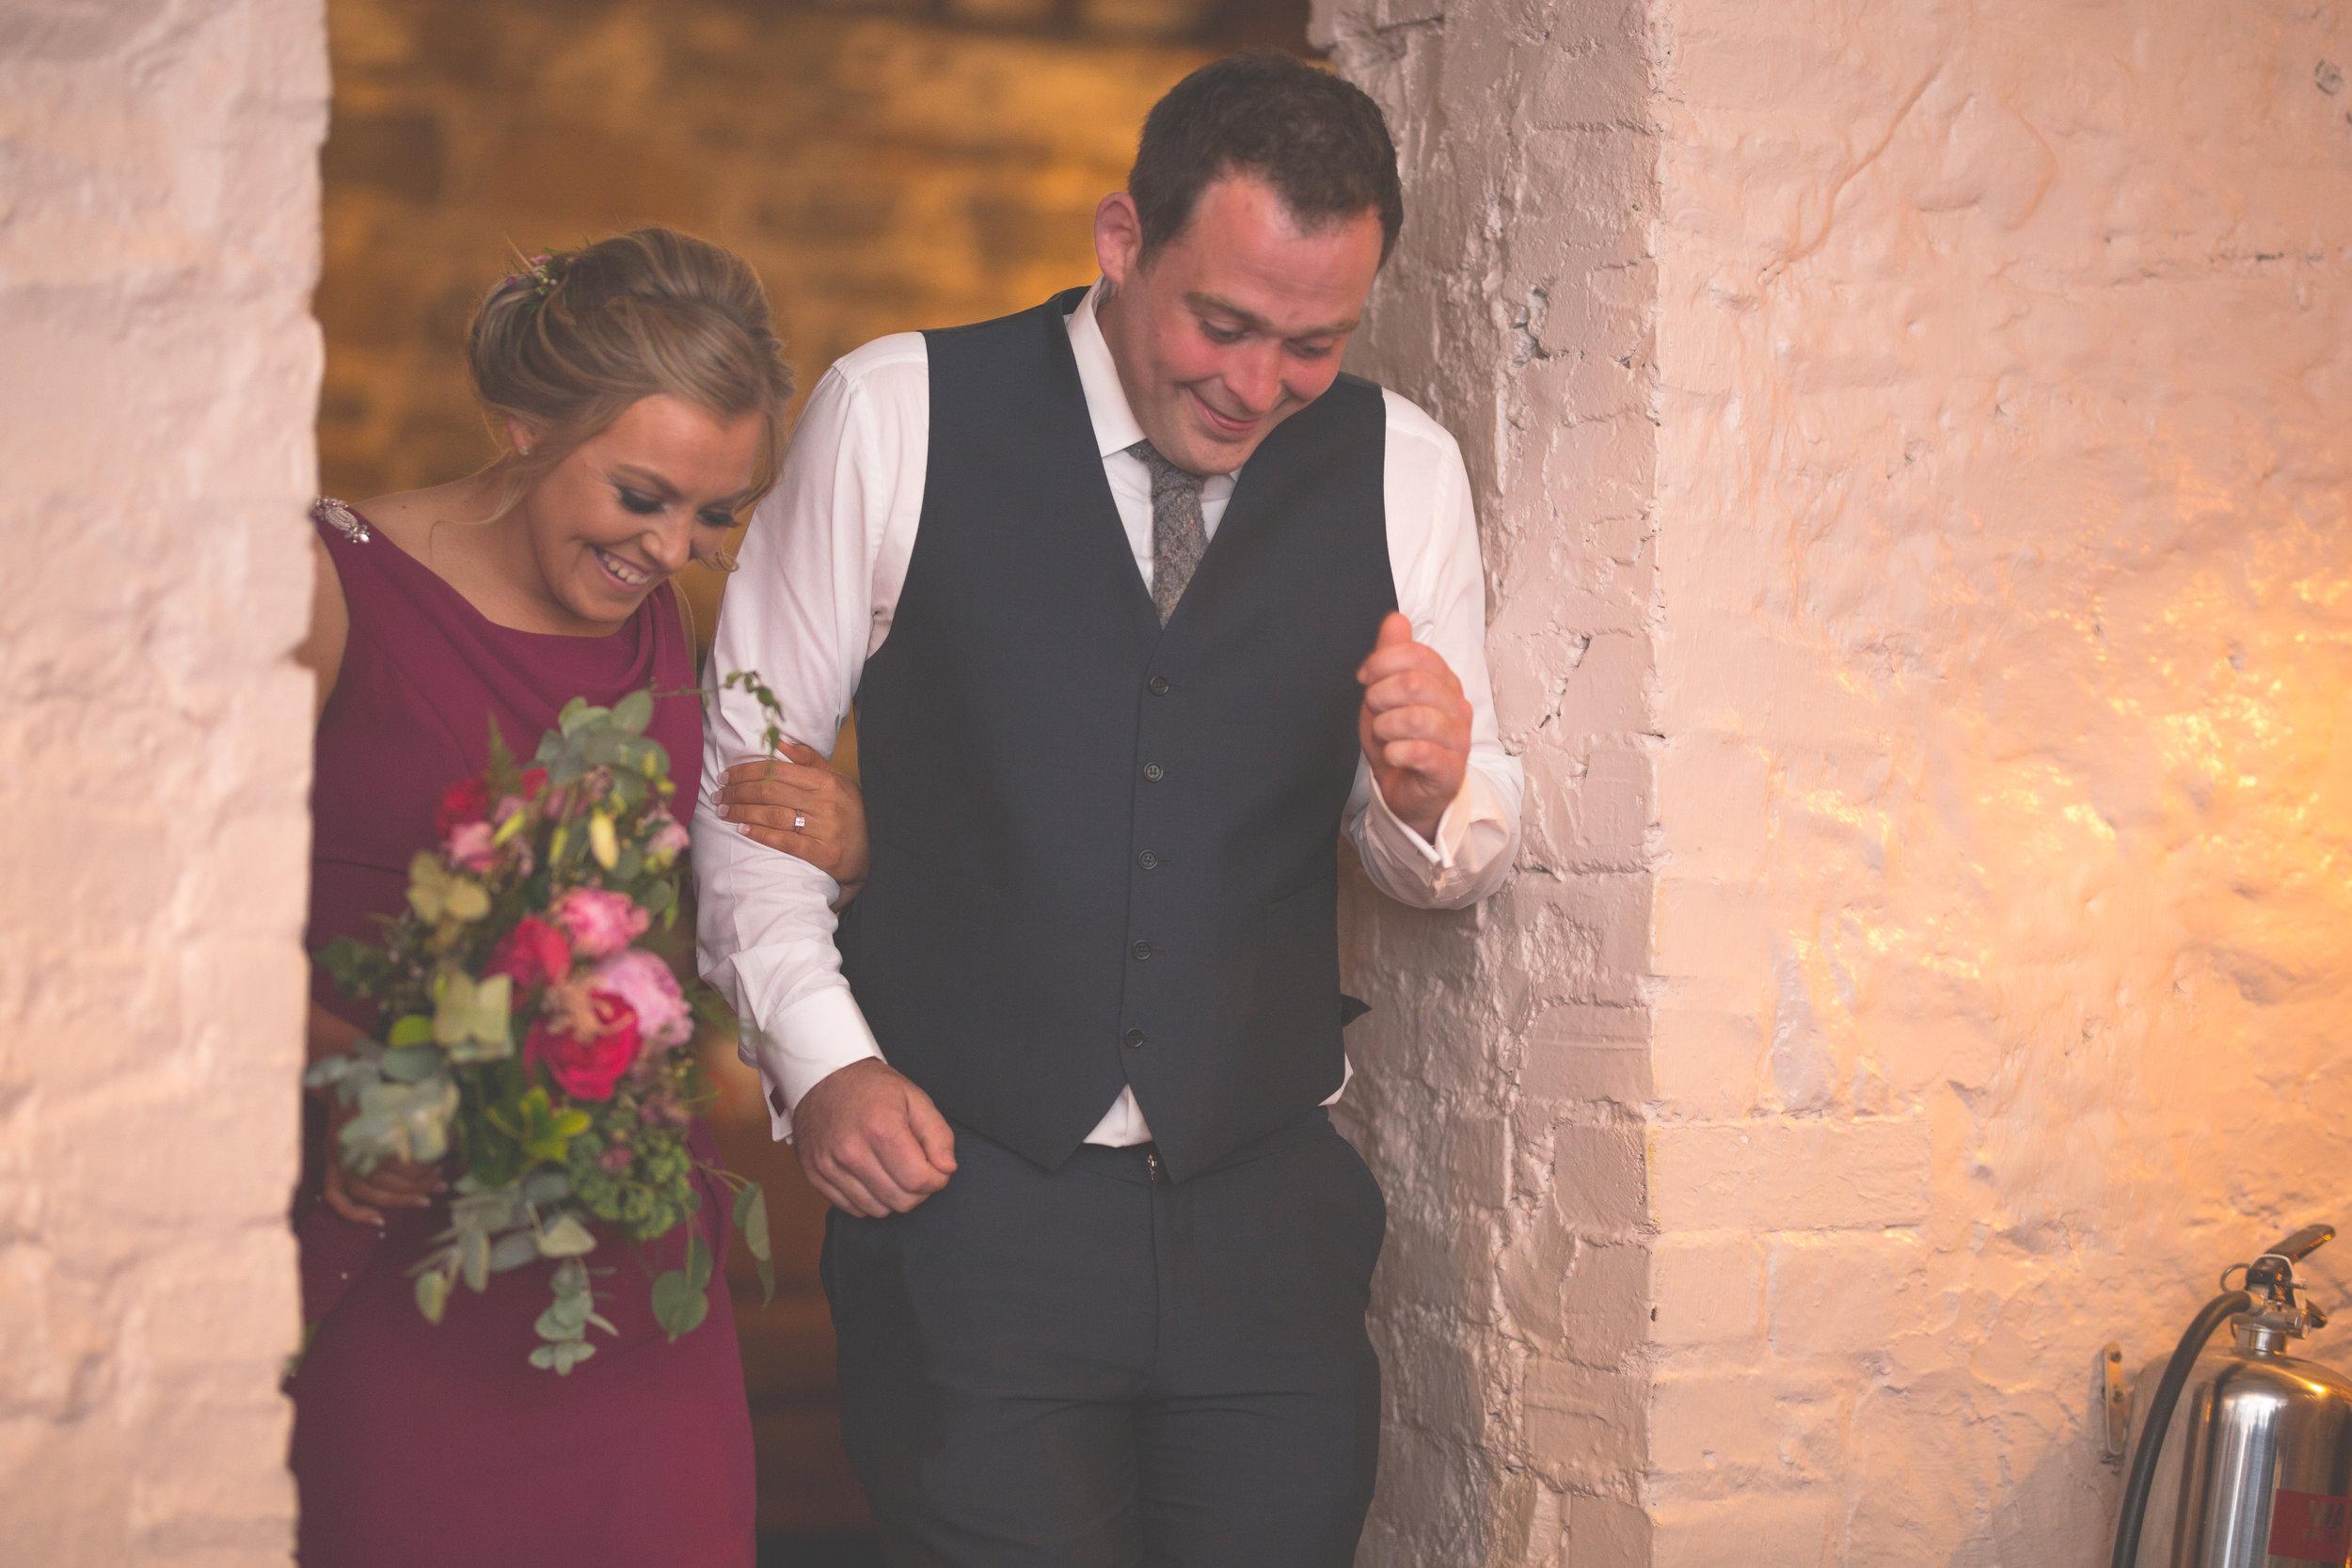 Brian McEwan Wedding Photography | Carol-Anne & Sean | The Speeches-50.jpg